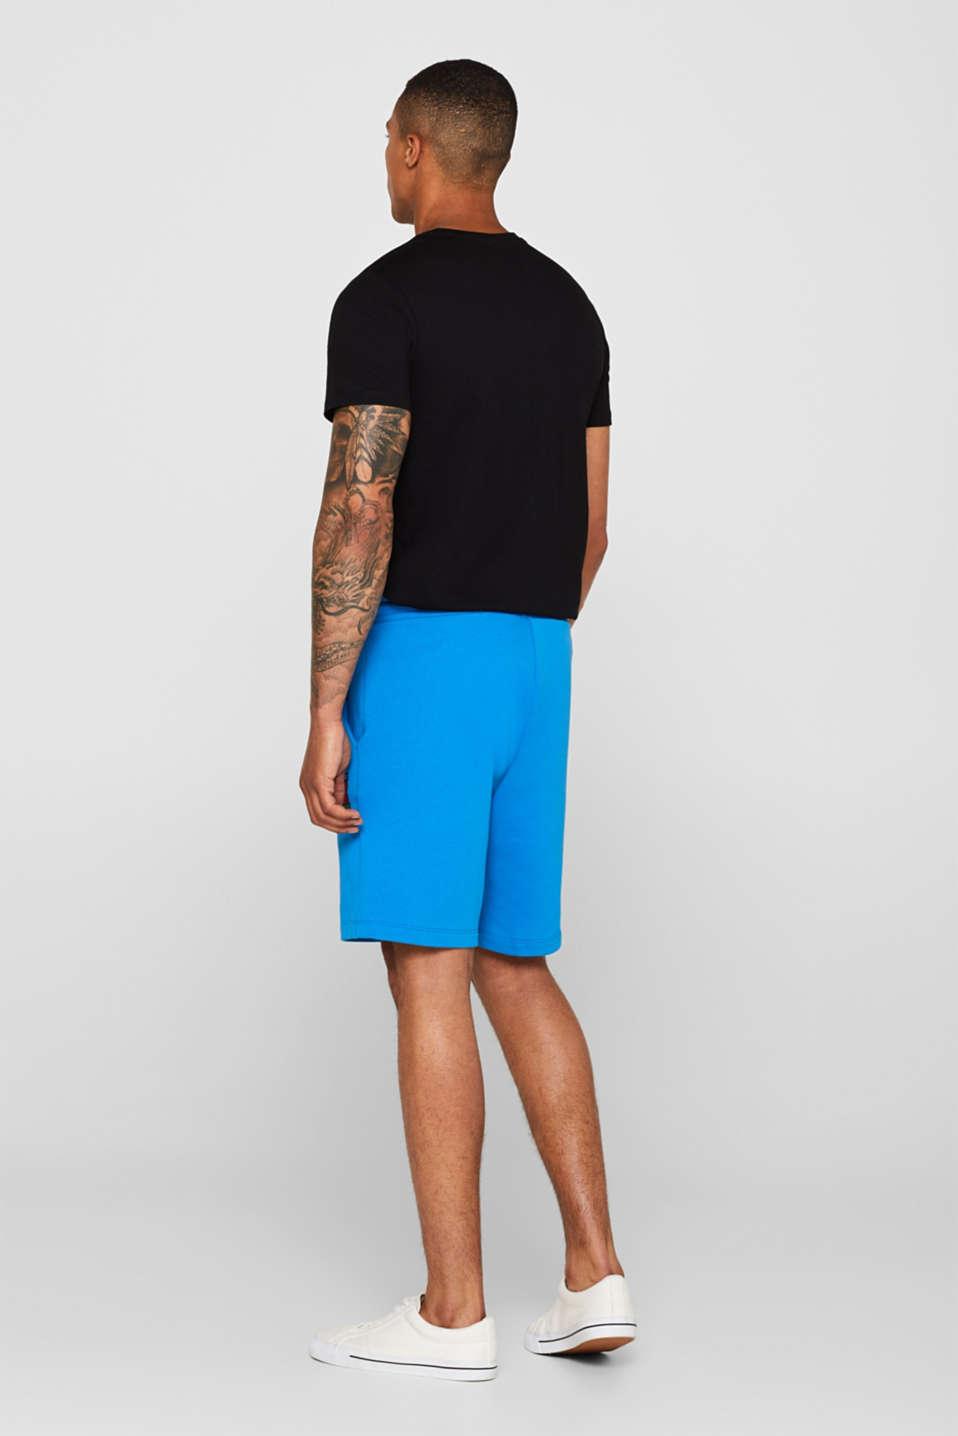 CRAIG & KARL: Men sweatshirt fabric shorts, organic cotton, BLUE, detail image number 3